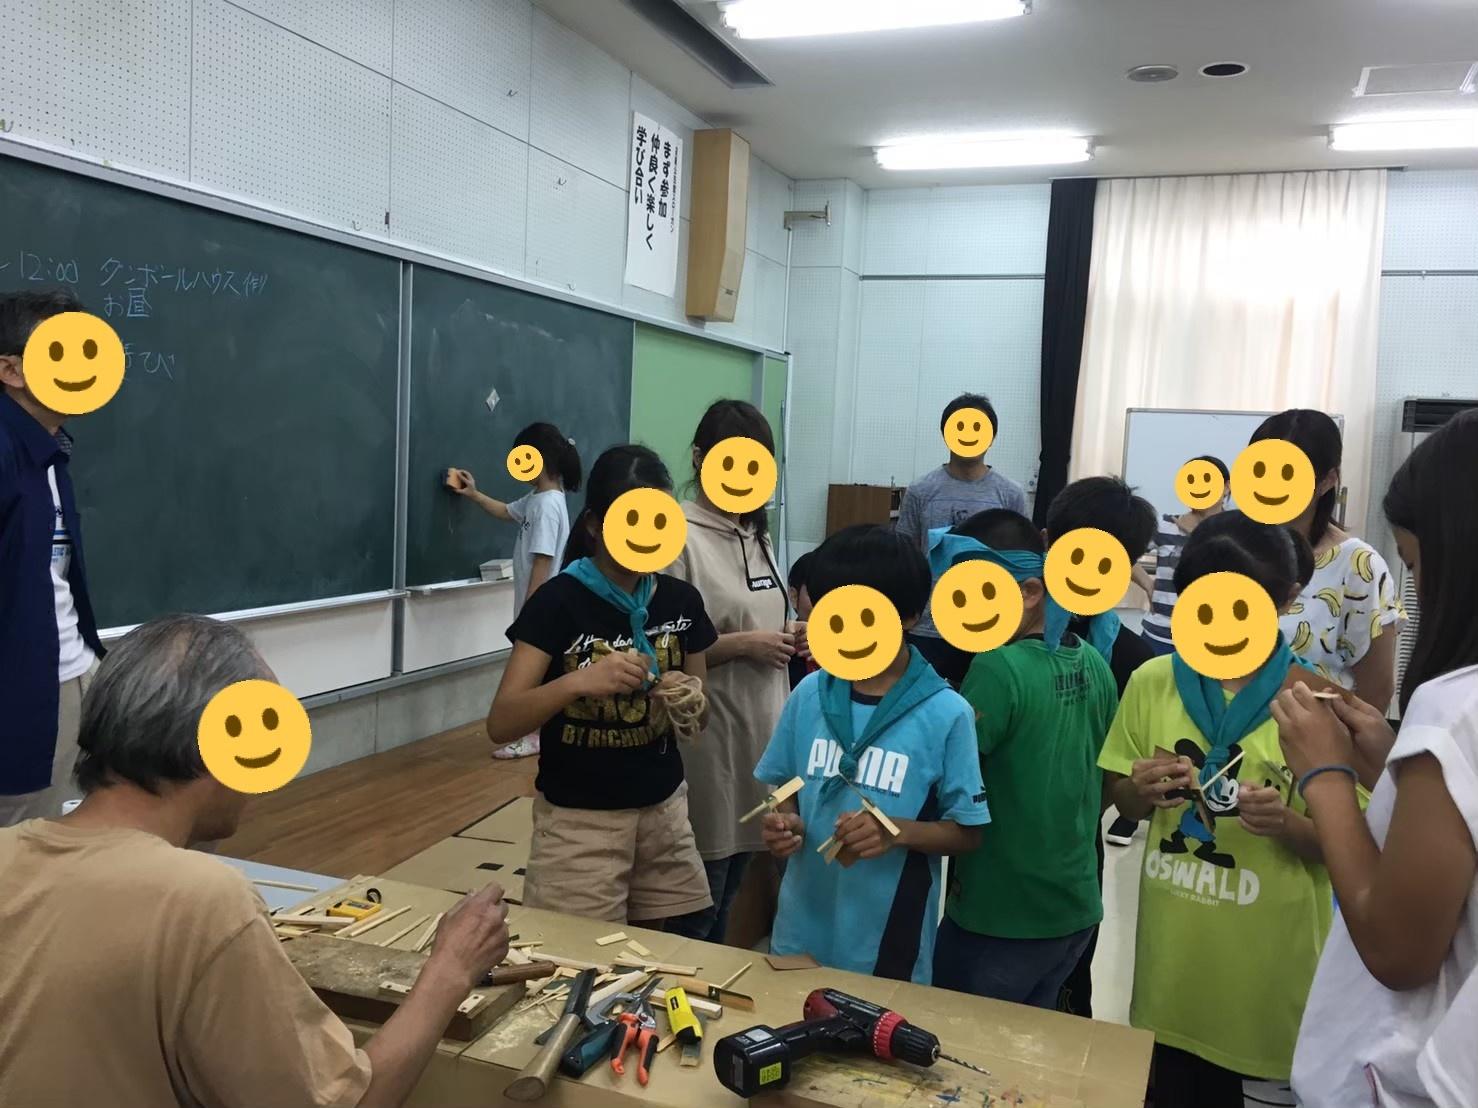 2019/9/8 ダンボールハウス作り_e0123469_20041867.jpeg